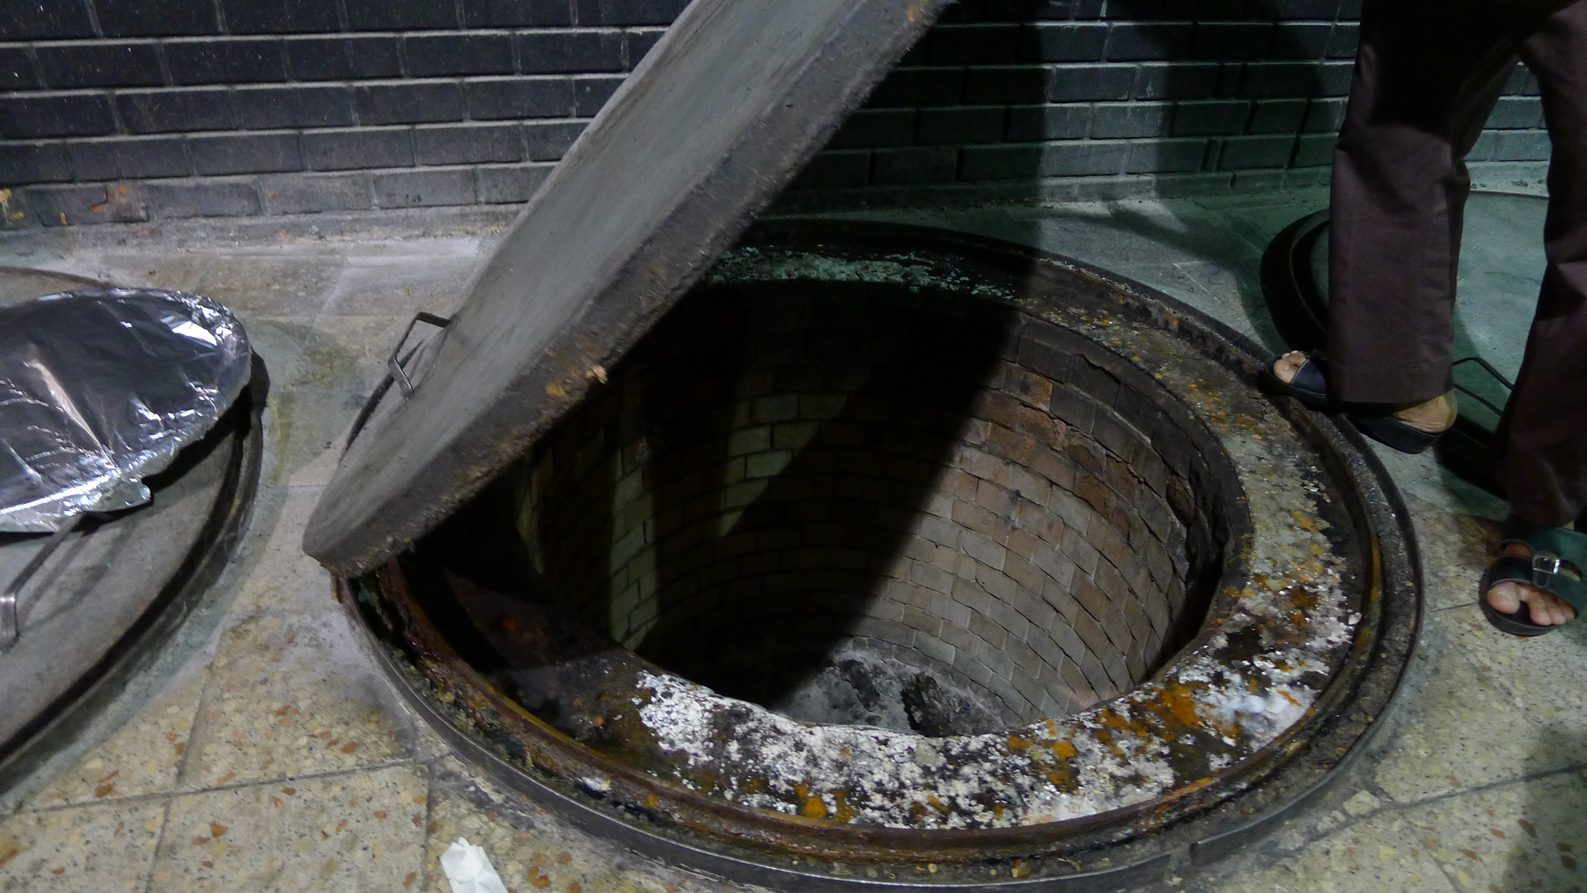 http://gadisbogel.blogspot.com/2010/01/sedapnya-hisap-lubang-pantat